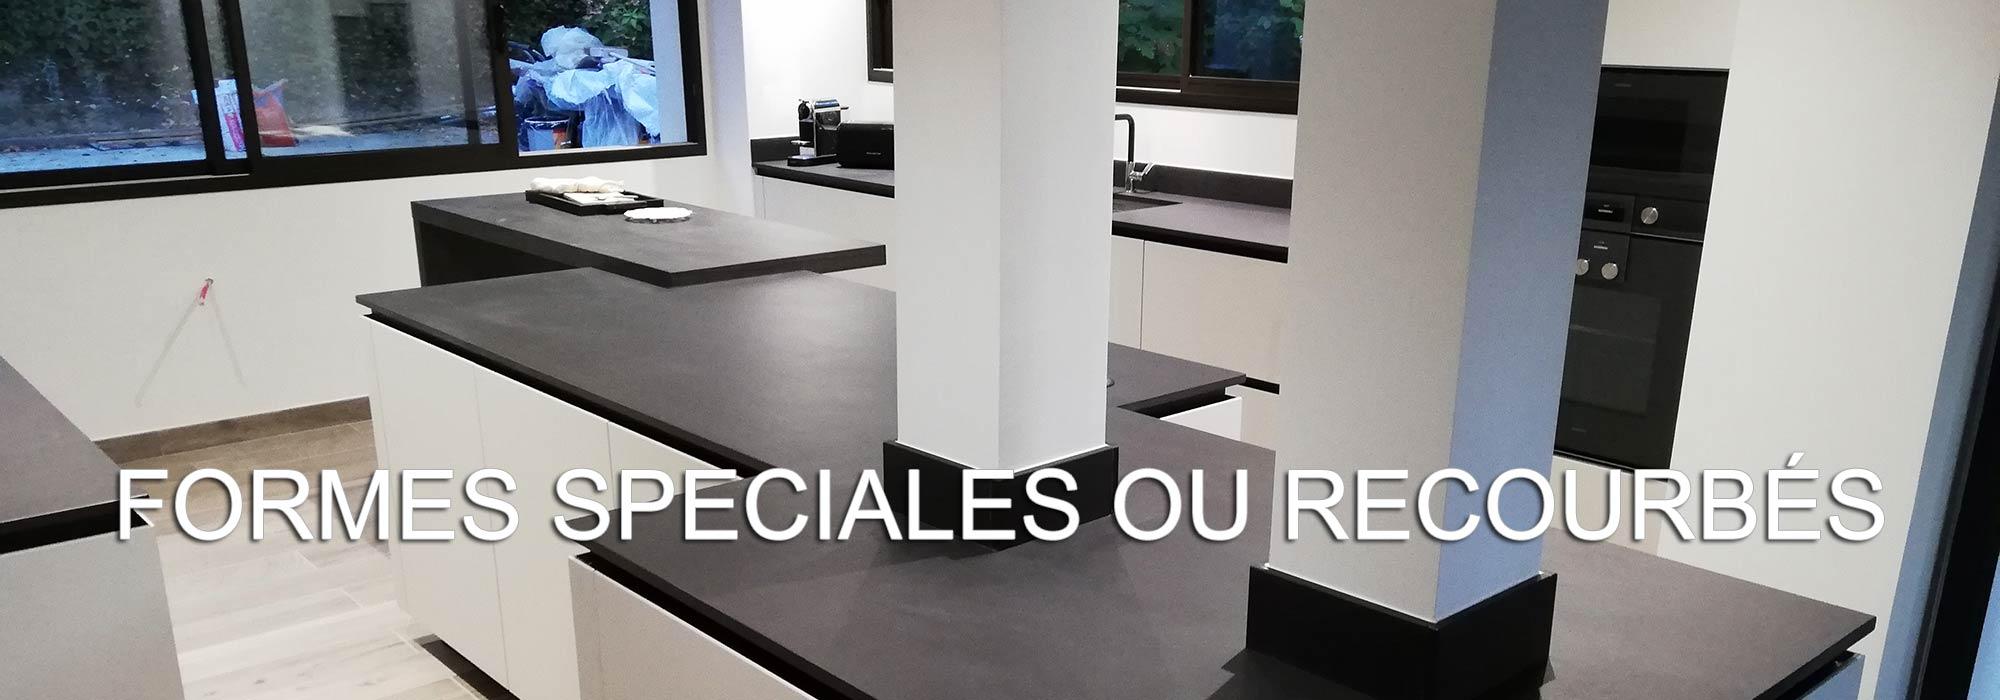 FORMES SPECIALES OU RECOURBÉS